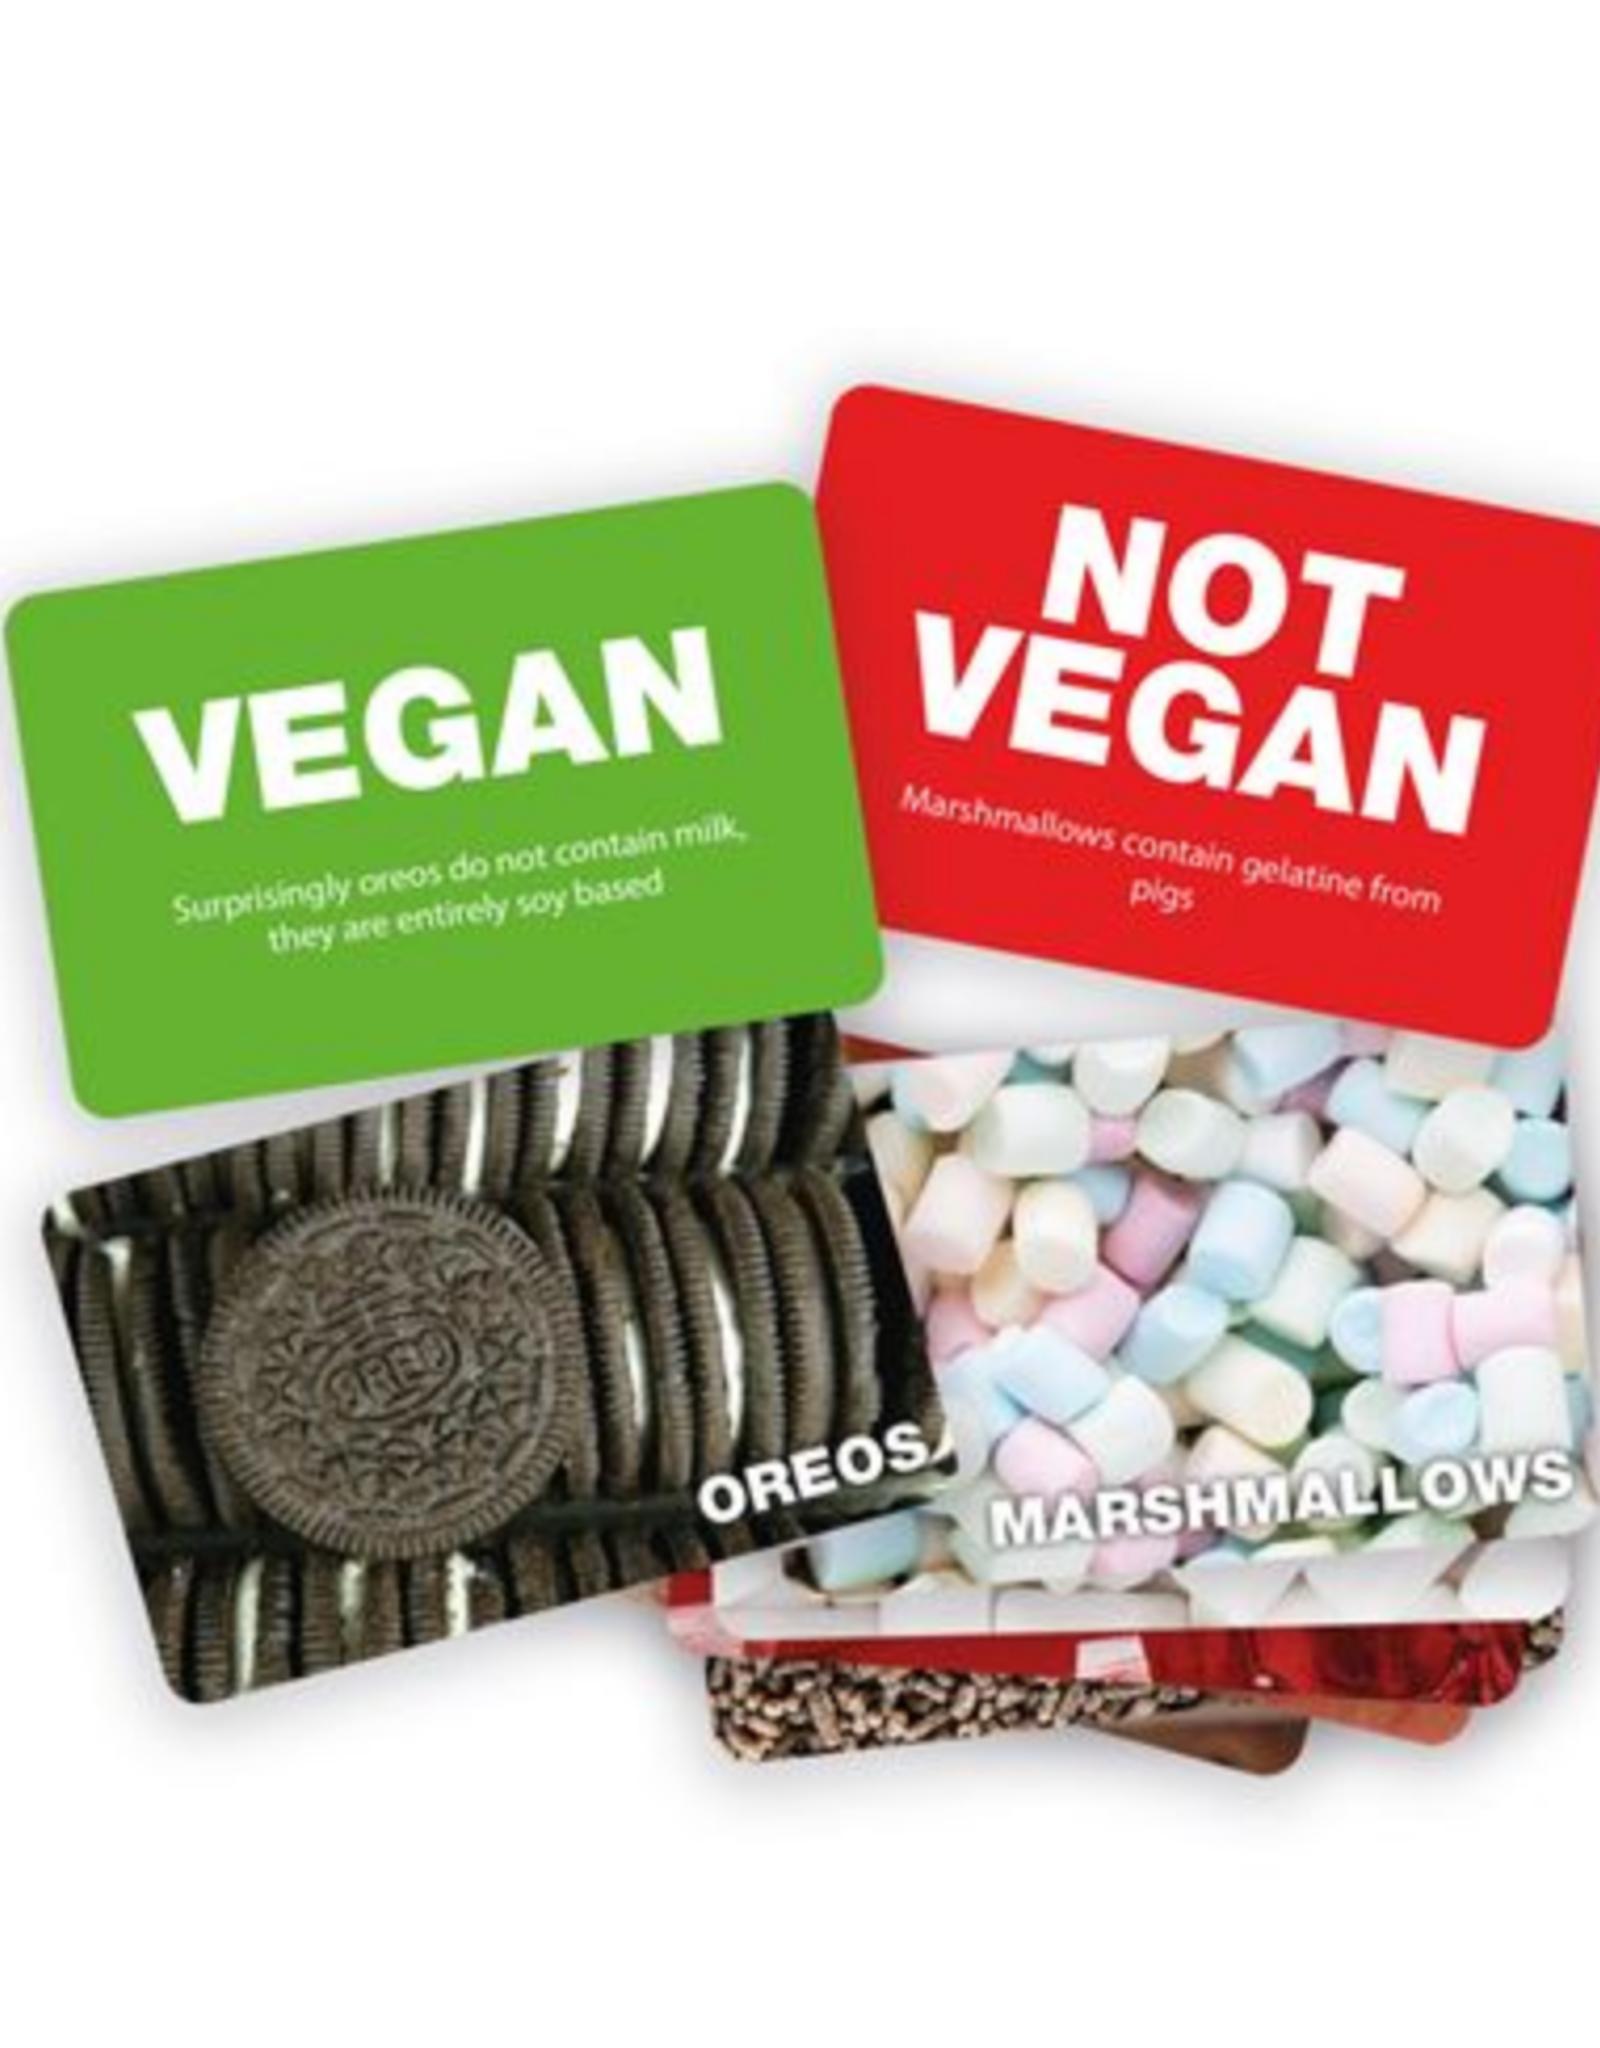 Vegan Not Vegan